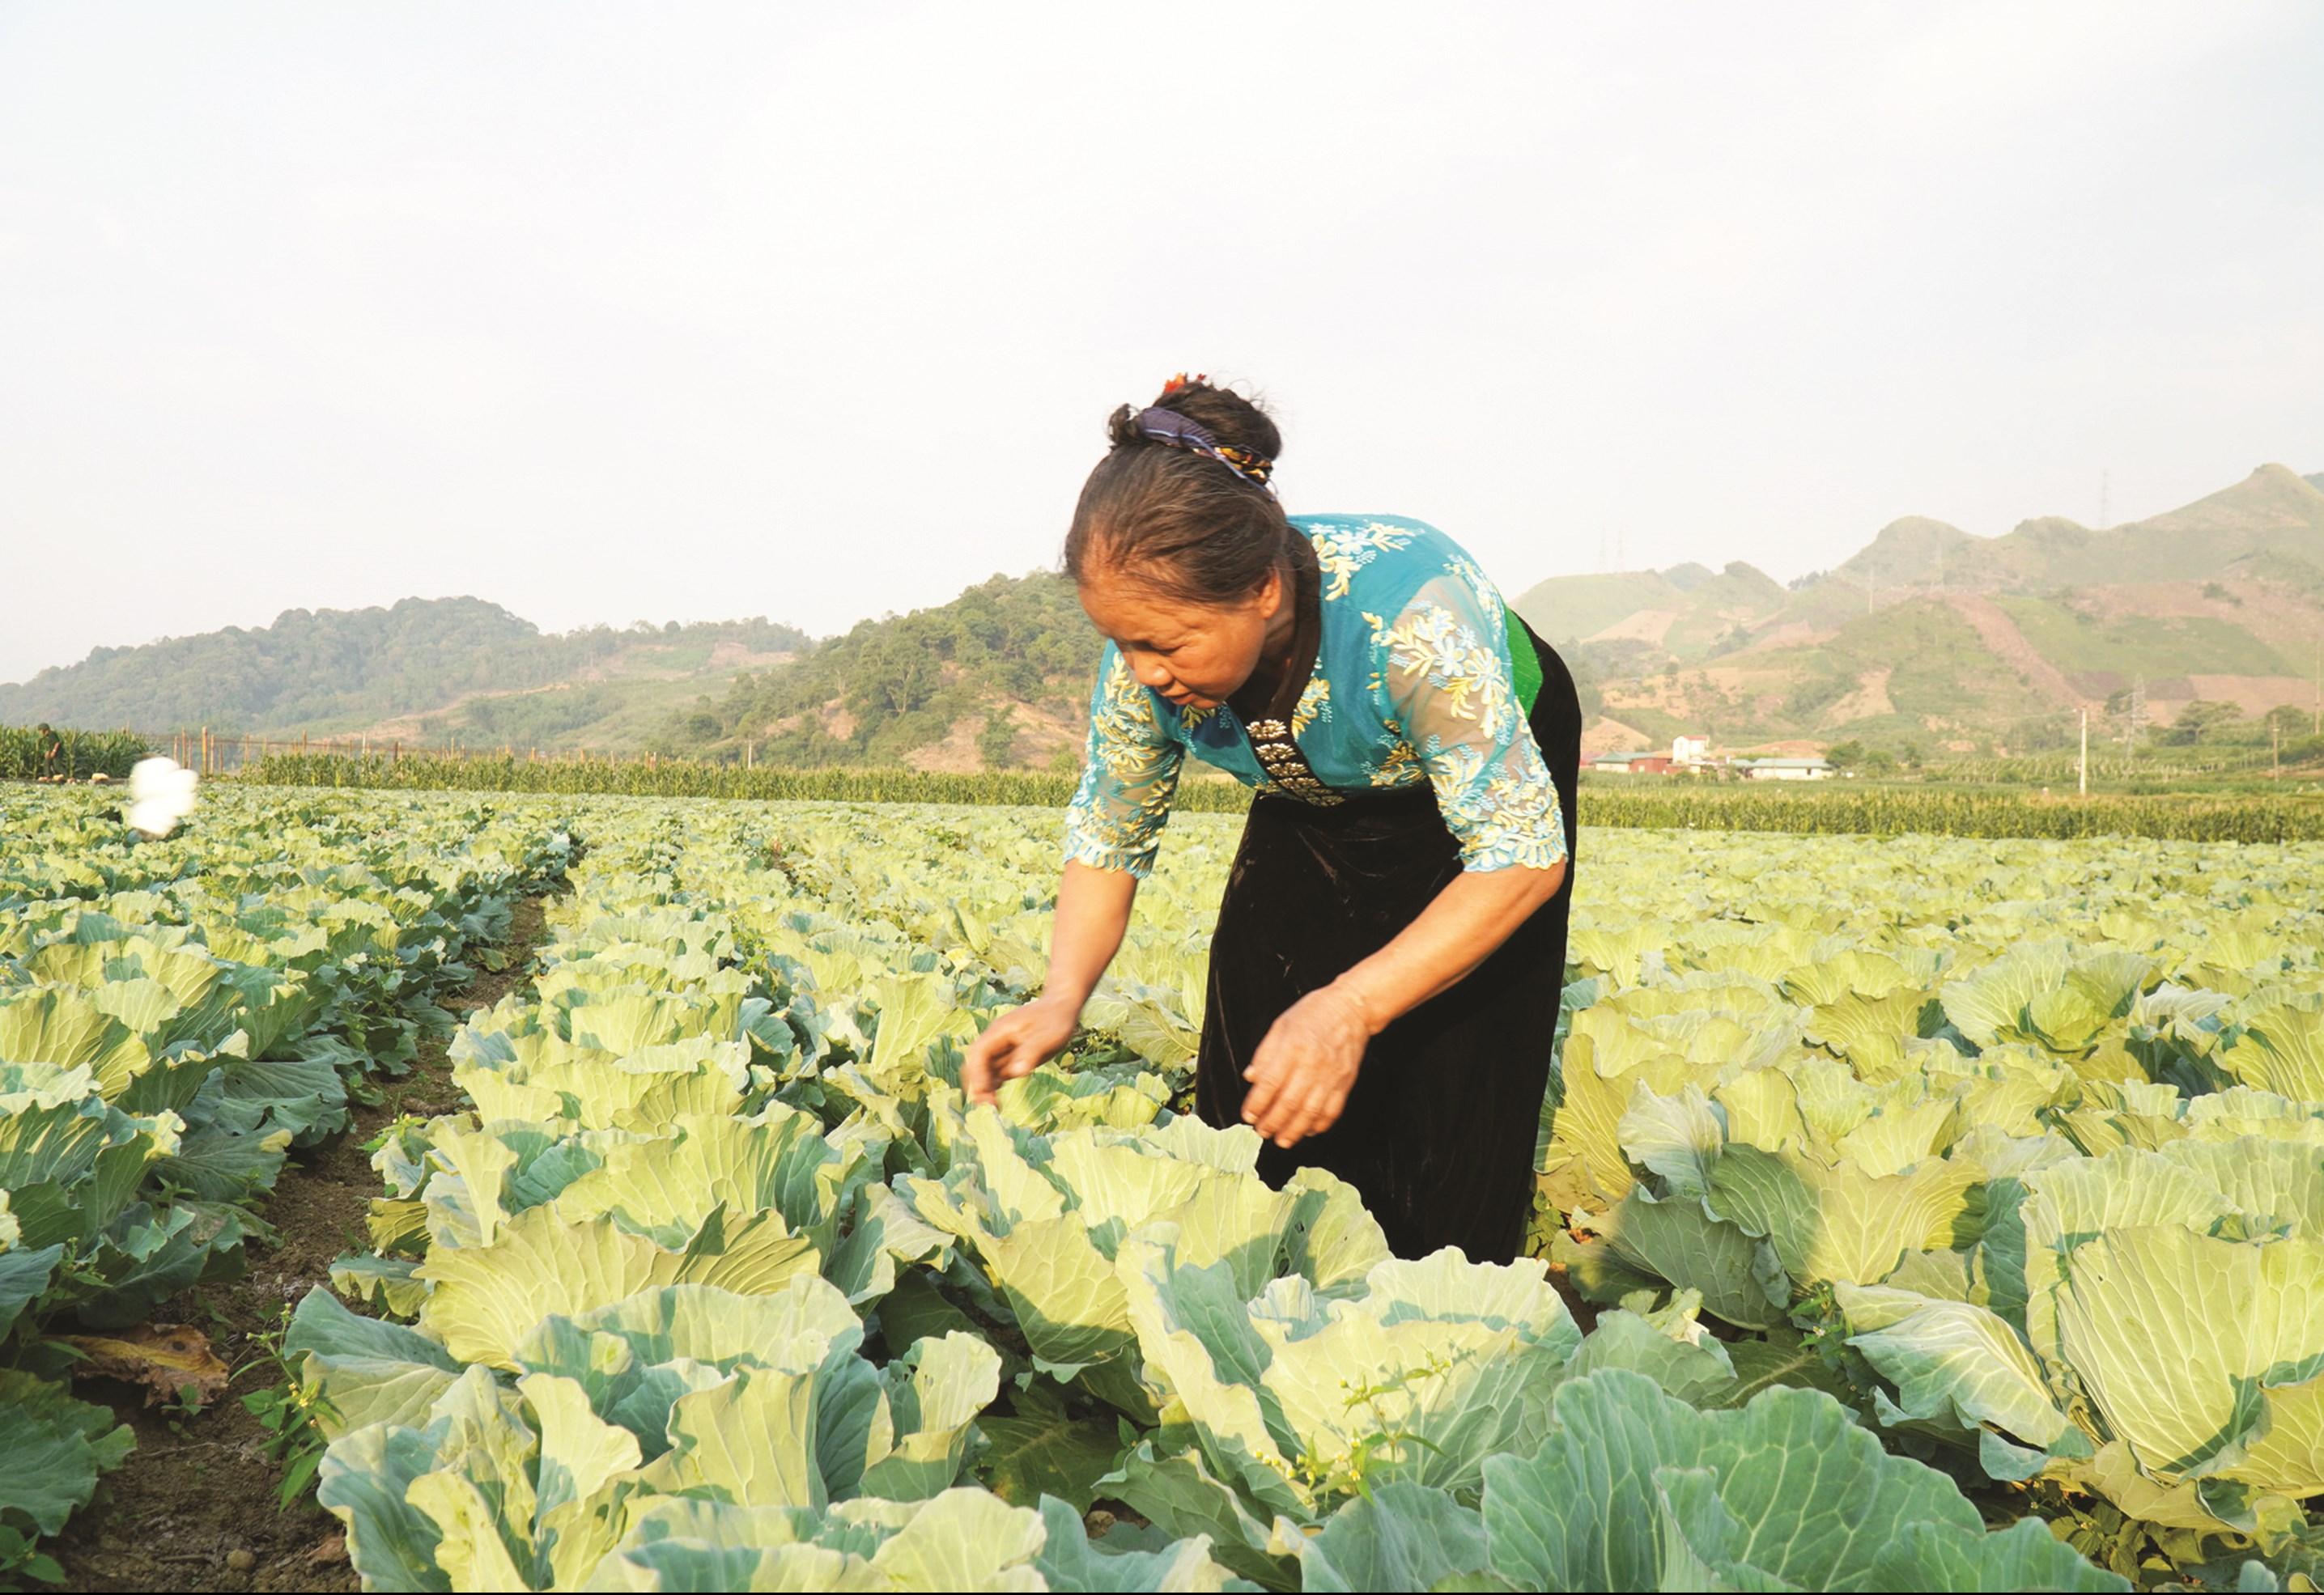 Đồng bào DTTS ở khu vực miền núi phía Bắc đã tiếp cận phương thức sản xuất hàng hóa. (Trong ảnh: Sản phẩm rau sạch của Hợp tác xã trồng rau an toàn Vân Hồ, Sơn La)